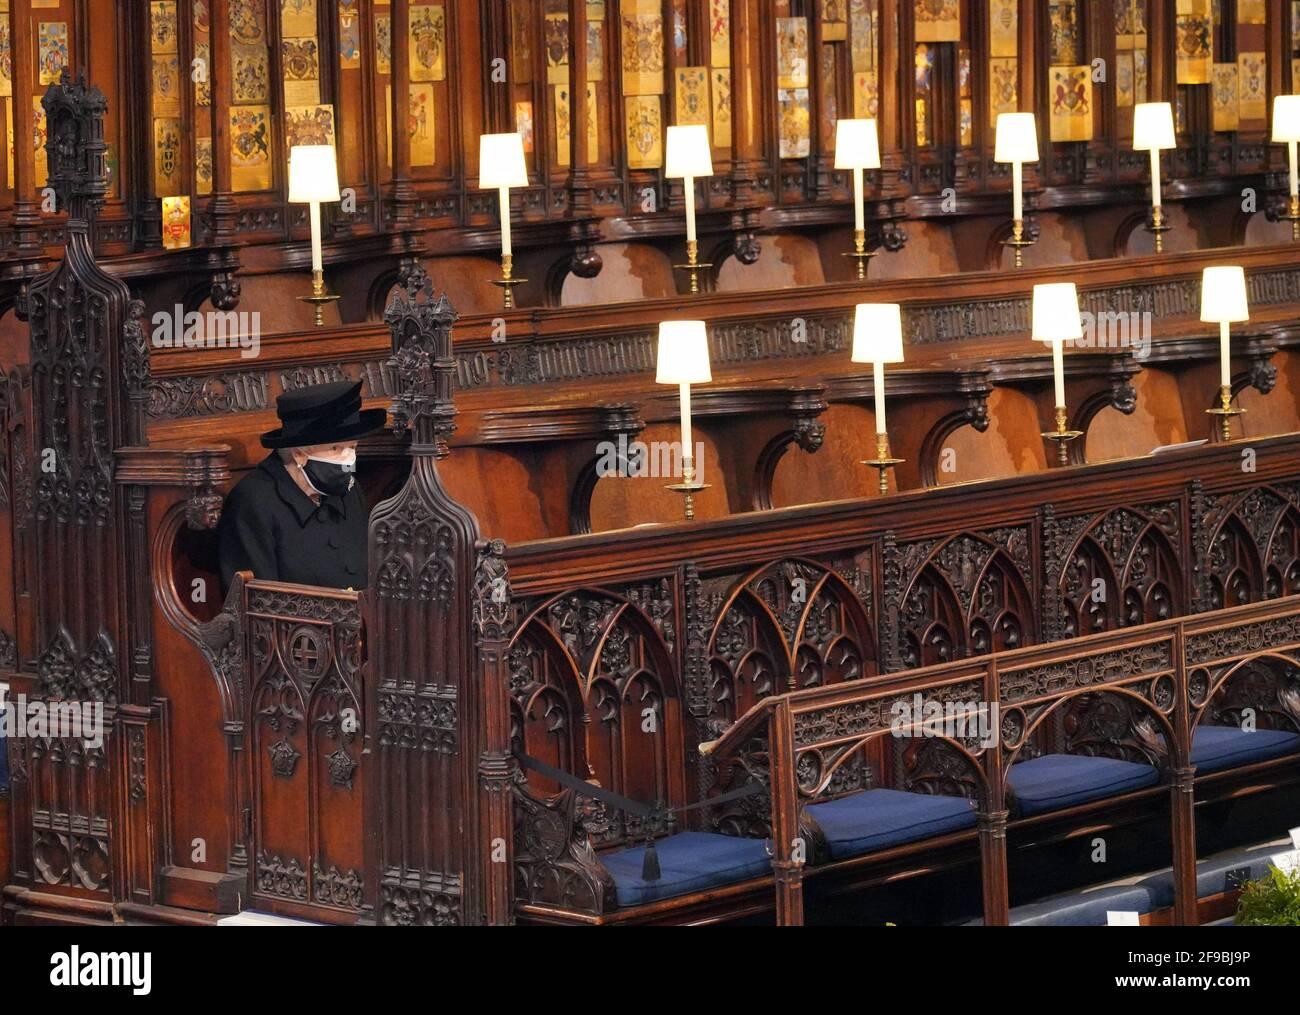 Königin Elizabeth II. Nimmt ihren Platz für die Beerdigung des Herzogs von Edinburgh in der St. George's Chapel, Windsor Castle, Bekshire. Bilddatum: Samstag, 17. April 2021. Stockfoto